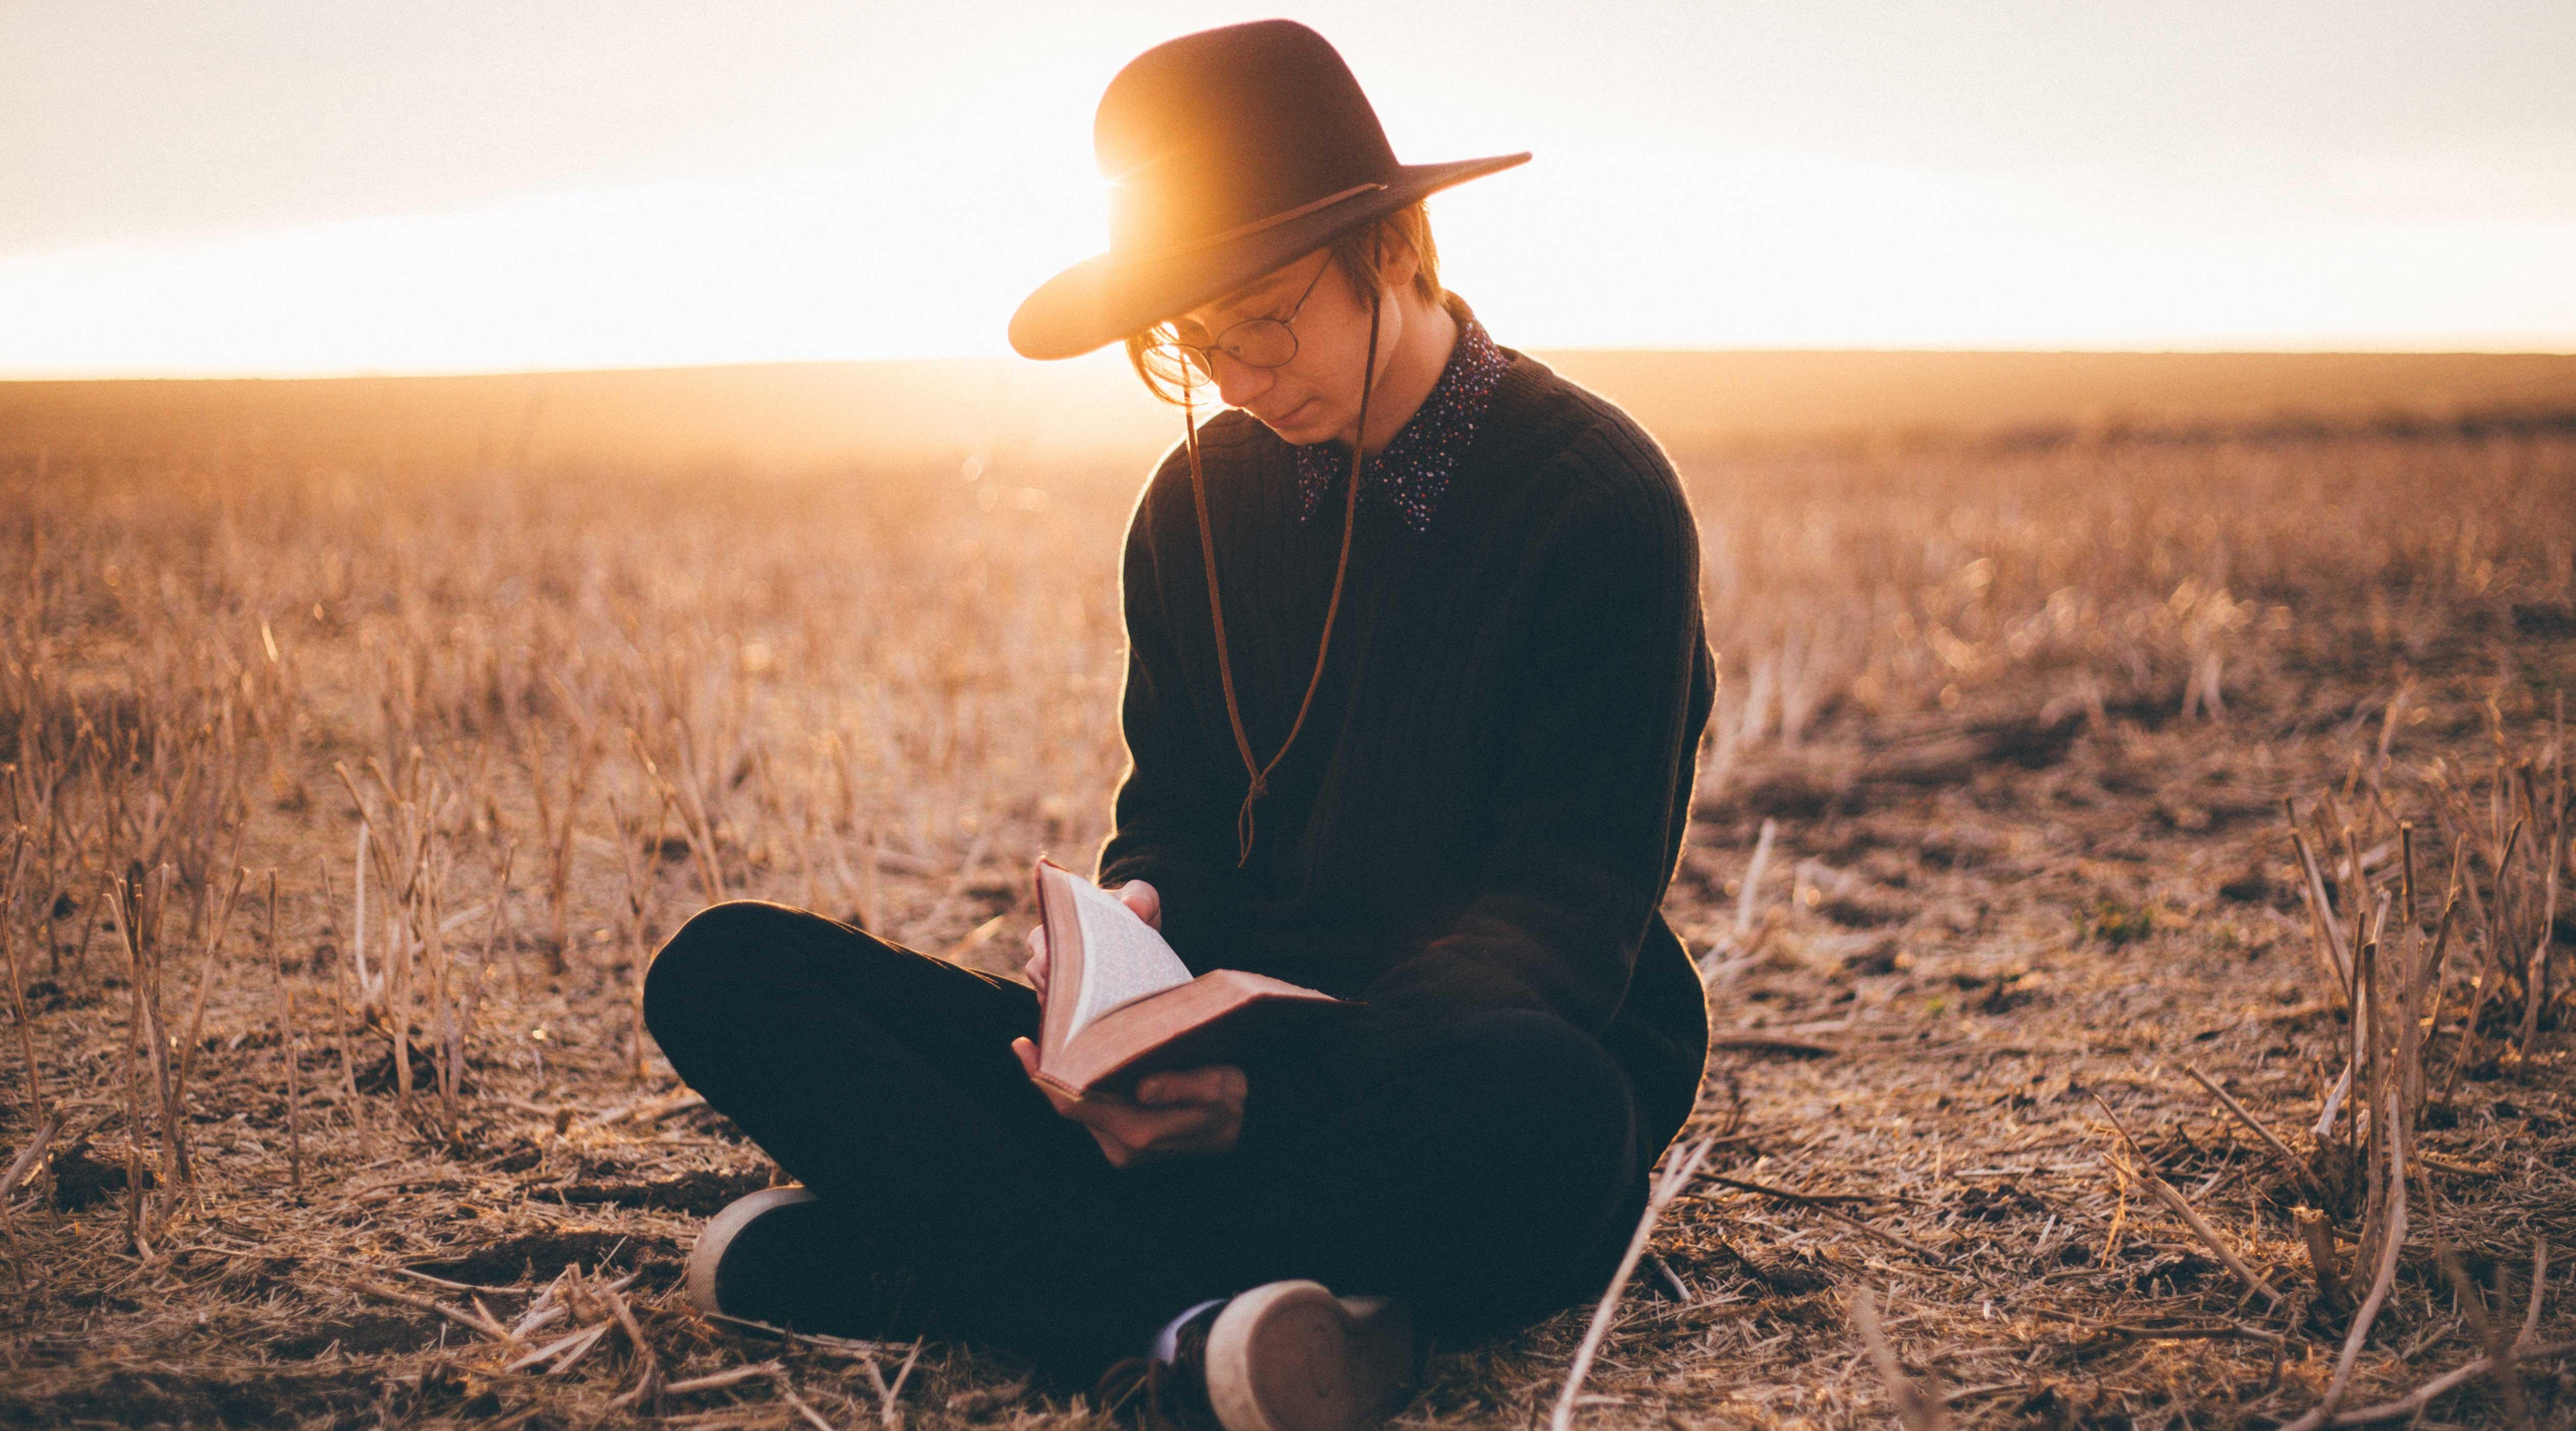 Homem sentado no chão de um campo com um livro aberto em seu colo